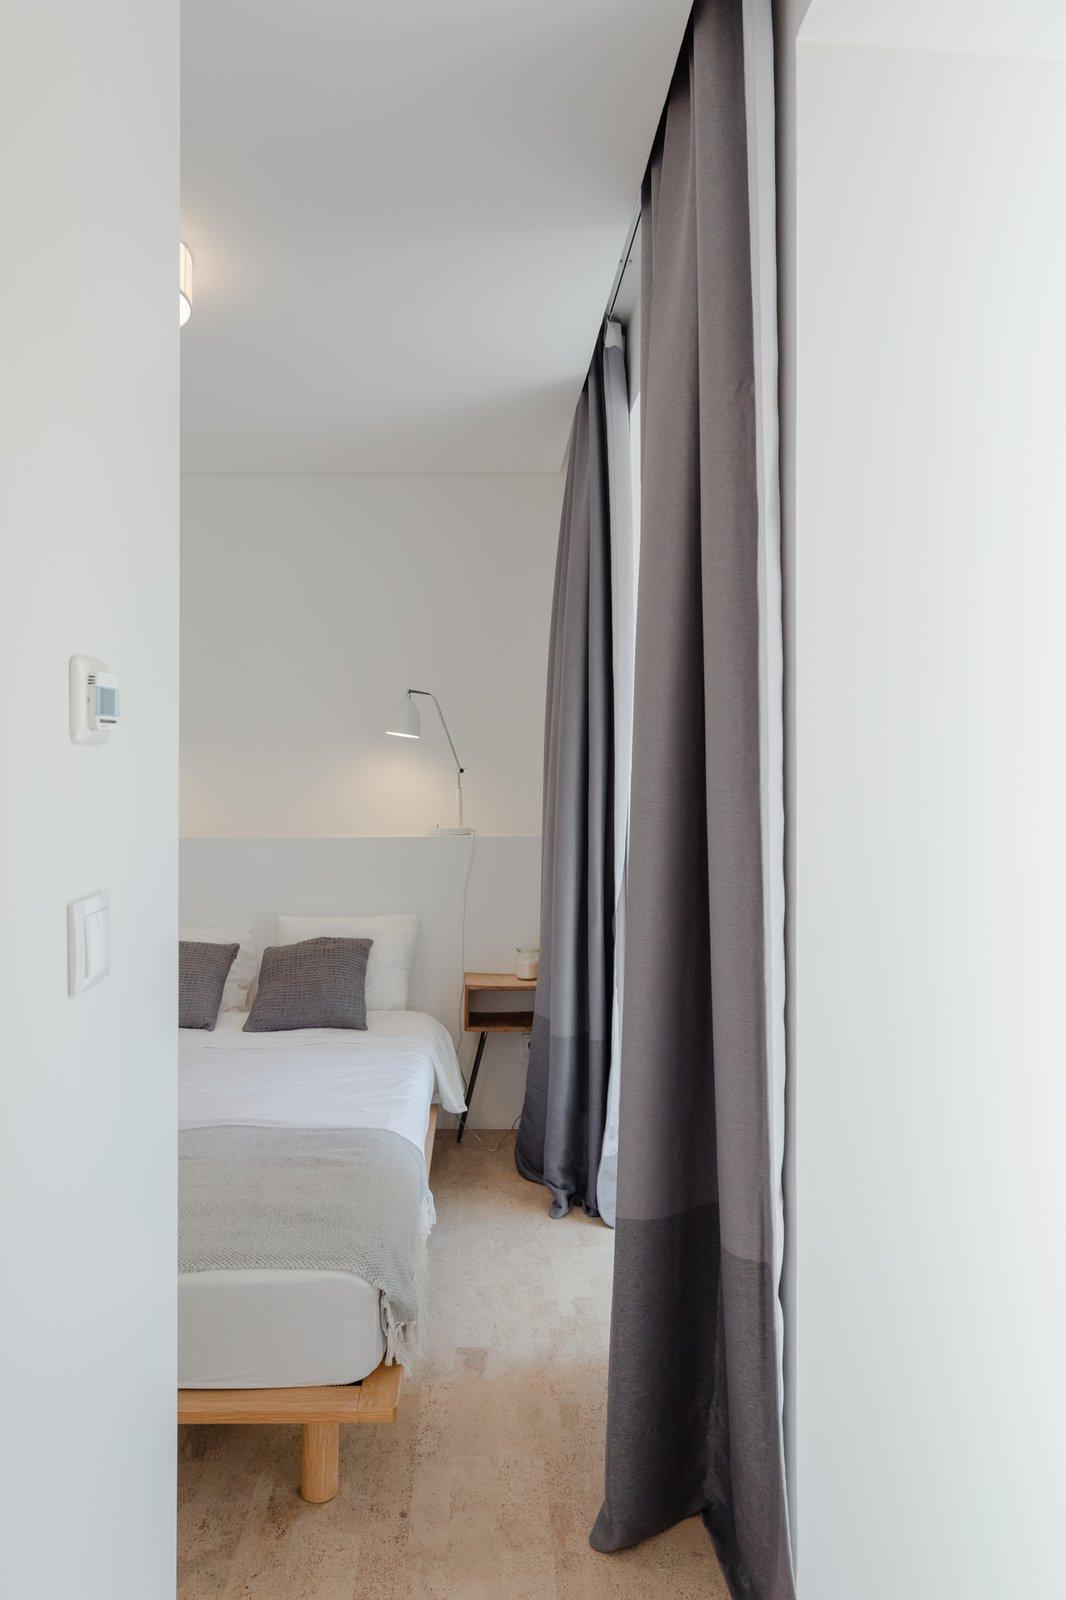 Bedroom, Night Stands, Bed, and Cork Floor  Rua Maria Loft